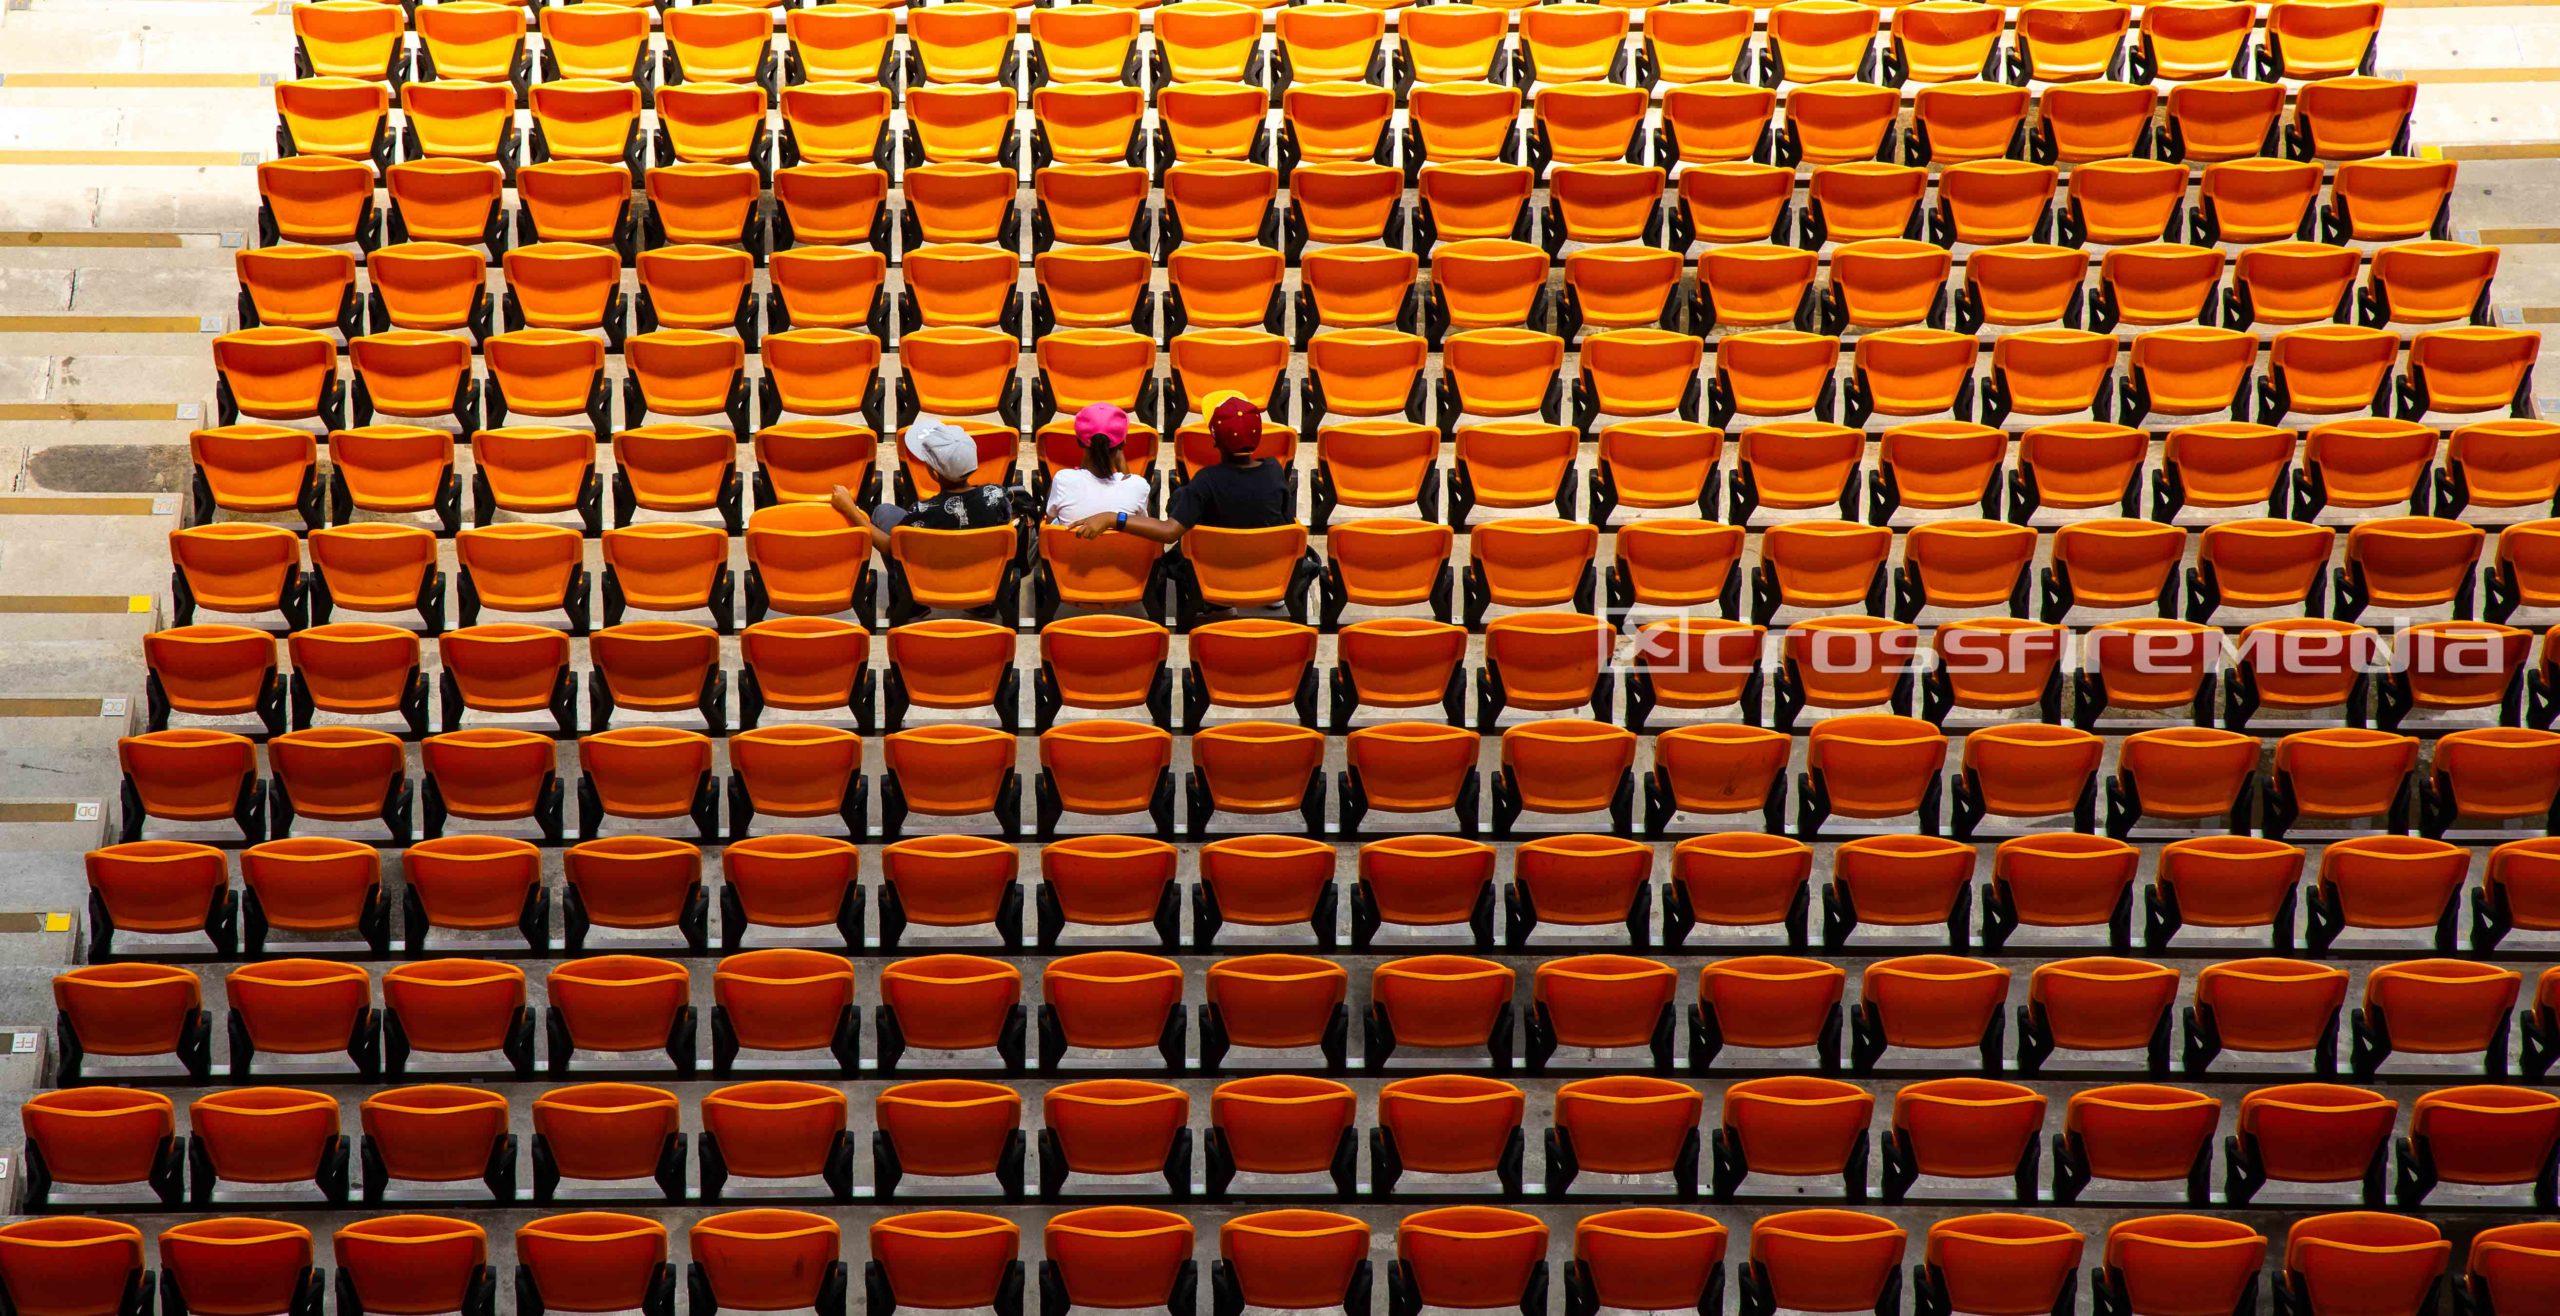 spectators sit in stadium with orange seating